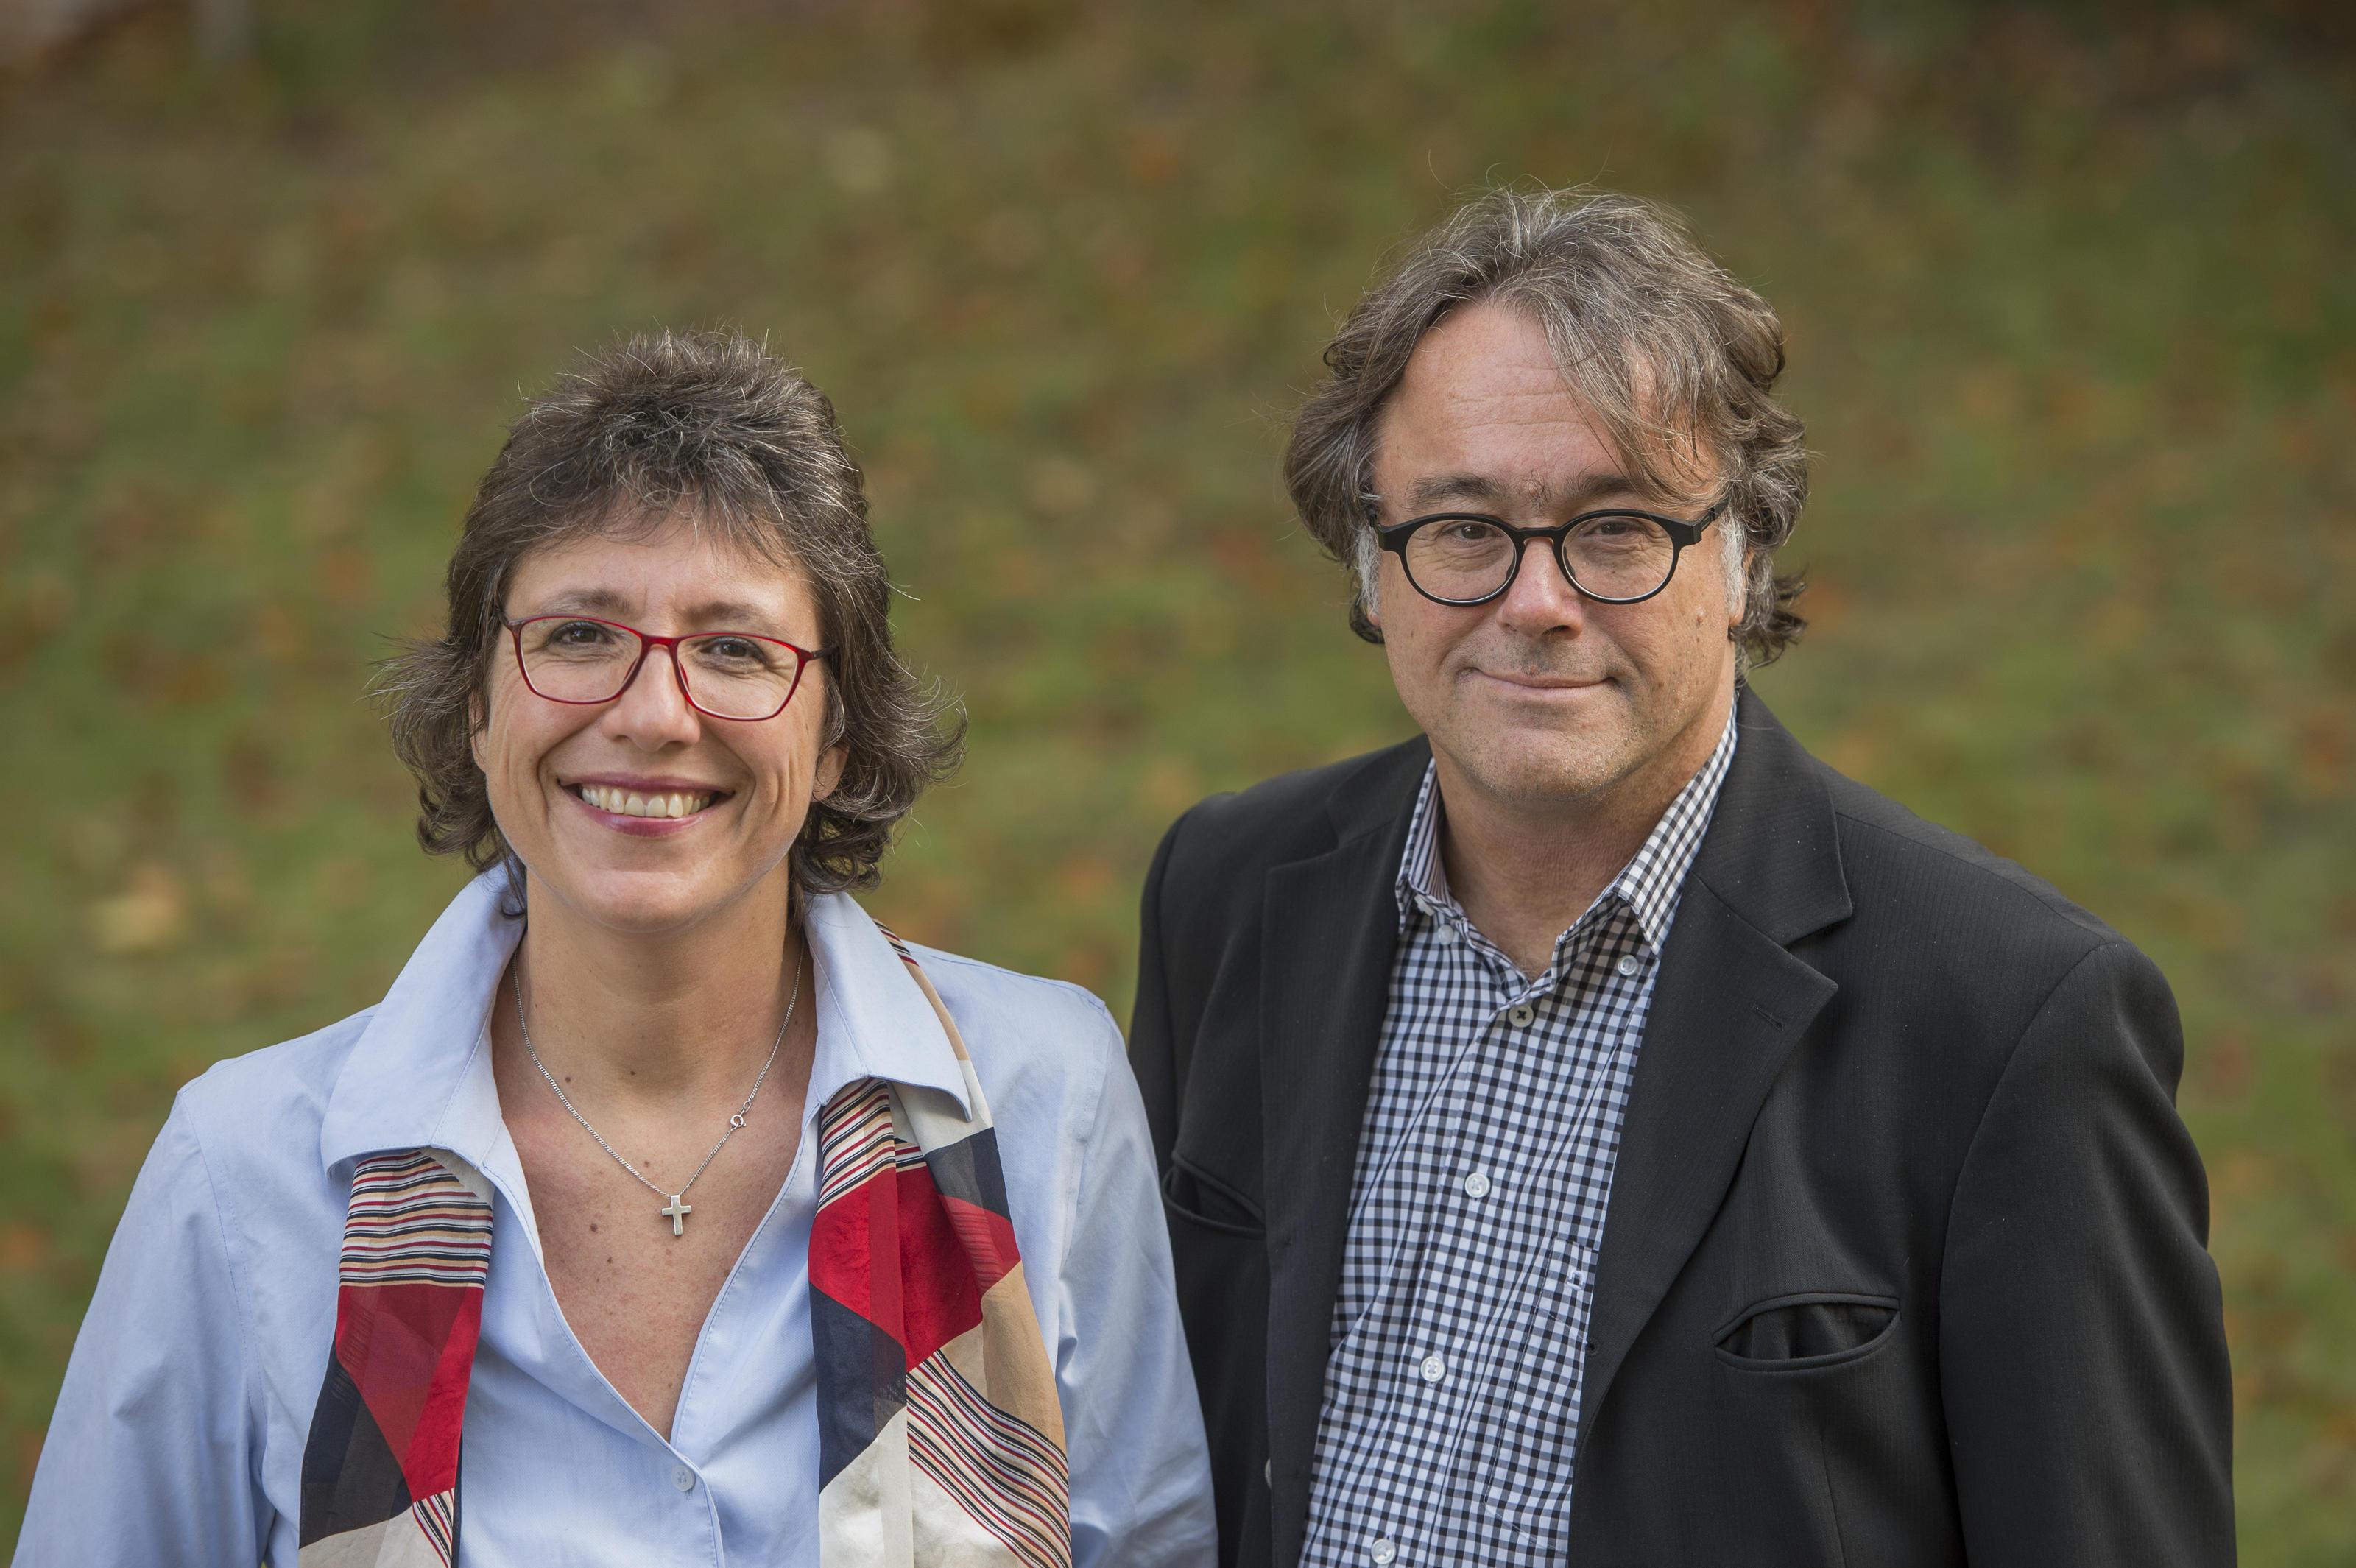 Prof. Dr. Tanja Börzel (Freie Universität Berlin) und Professor Dr. Michael Zürn (Wissenschaftszentrum Berlin) sind Sprecherin und Sprecher des Clusters Contestations of the Liberal Script (SCRIPTS).